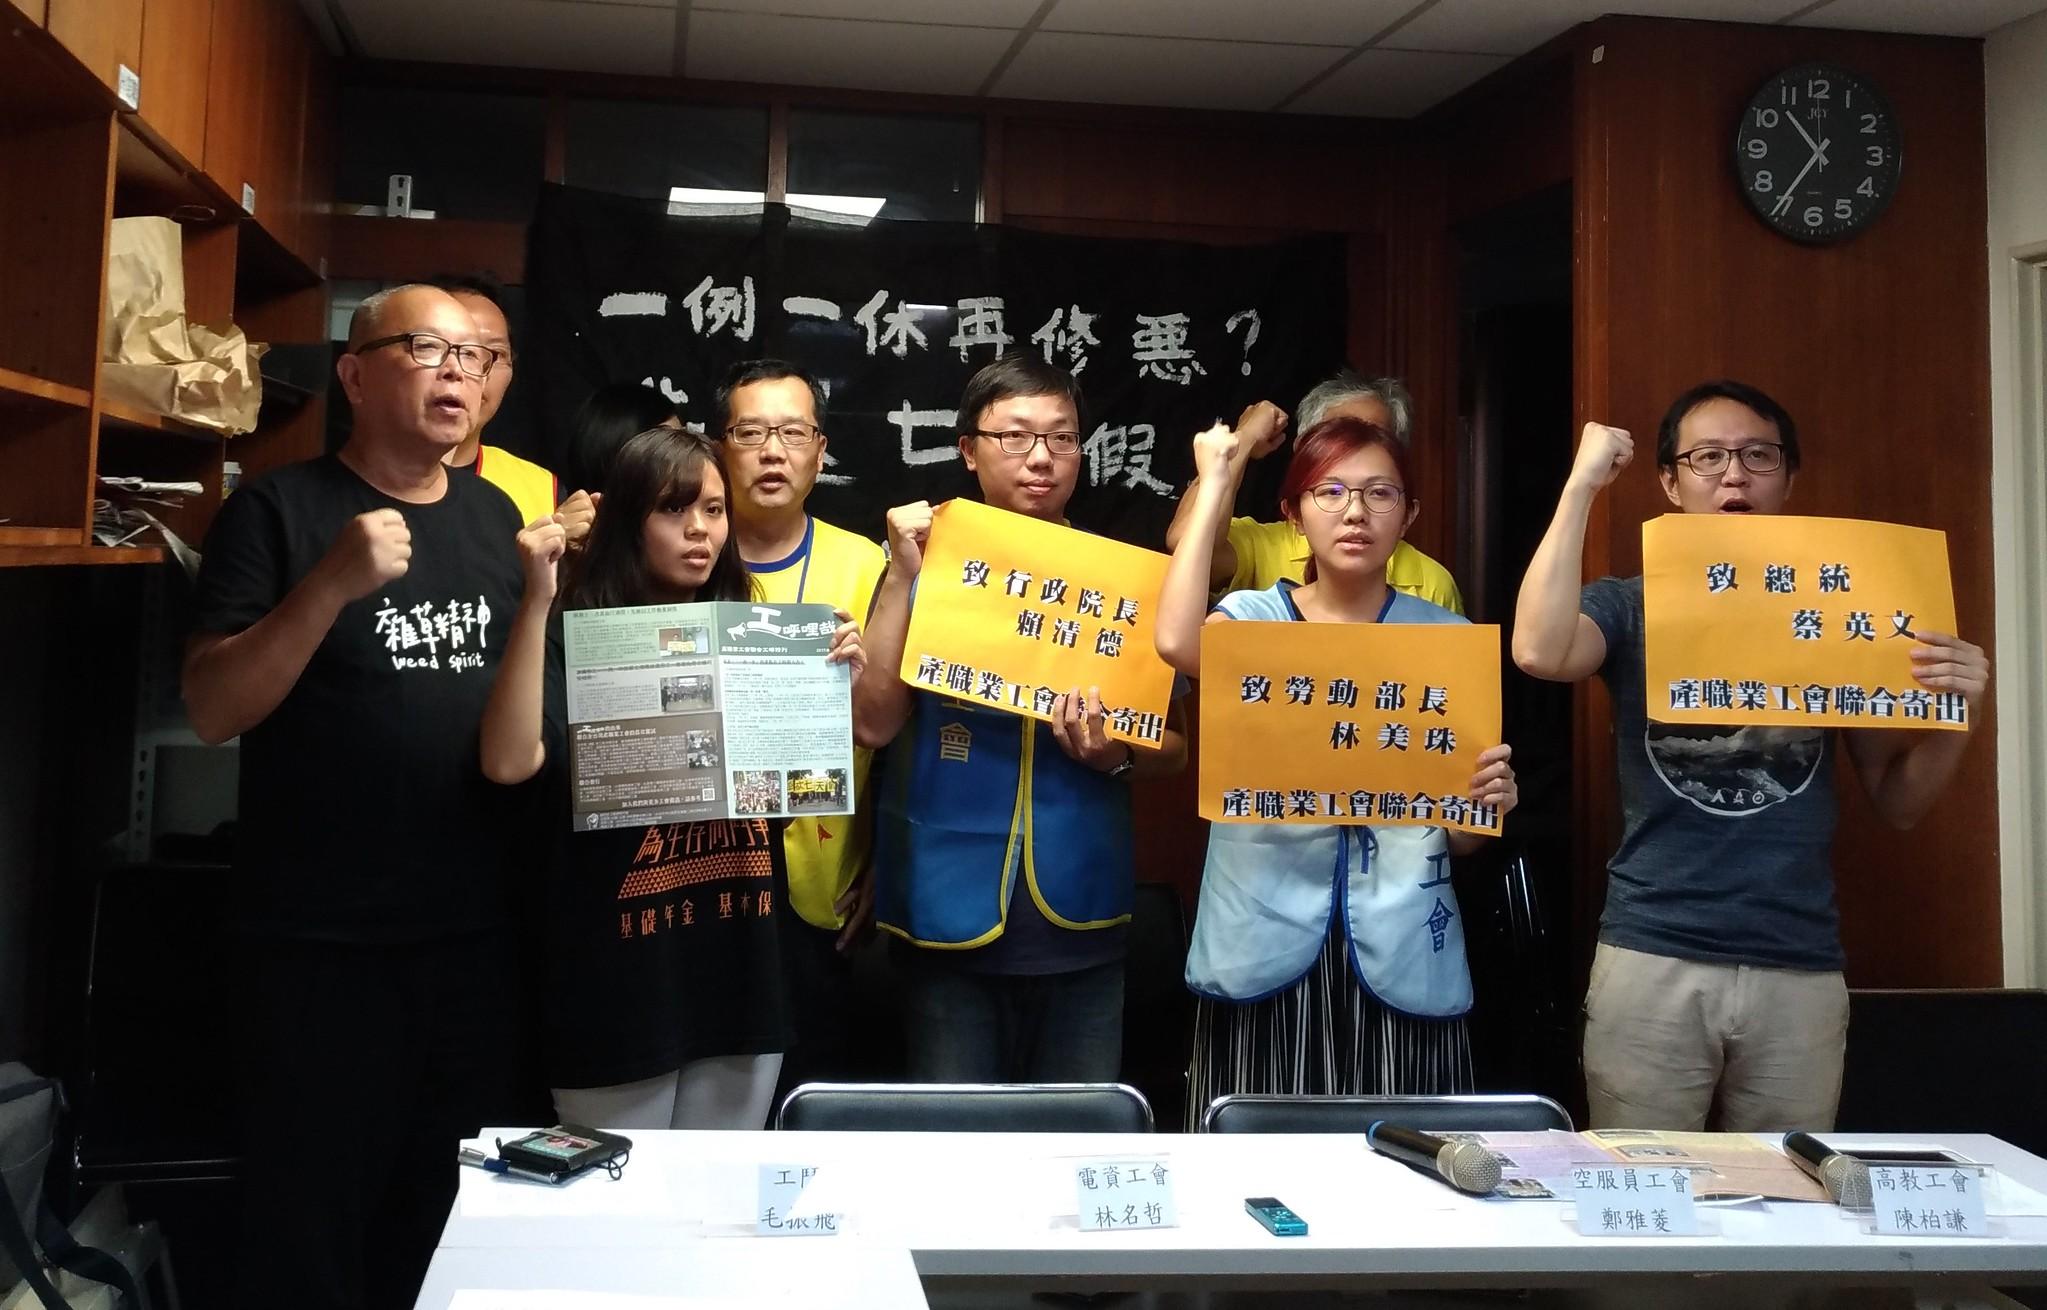 勞工團體在會後把記載勞工血汗的刊物,寄給蔡英文、賴清德、林美珠,呼籲民進黨正視選前縮短工時的承諾、還給勞工七天假。(攝影:曾福全)